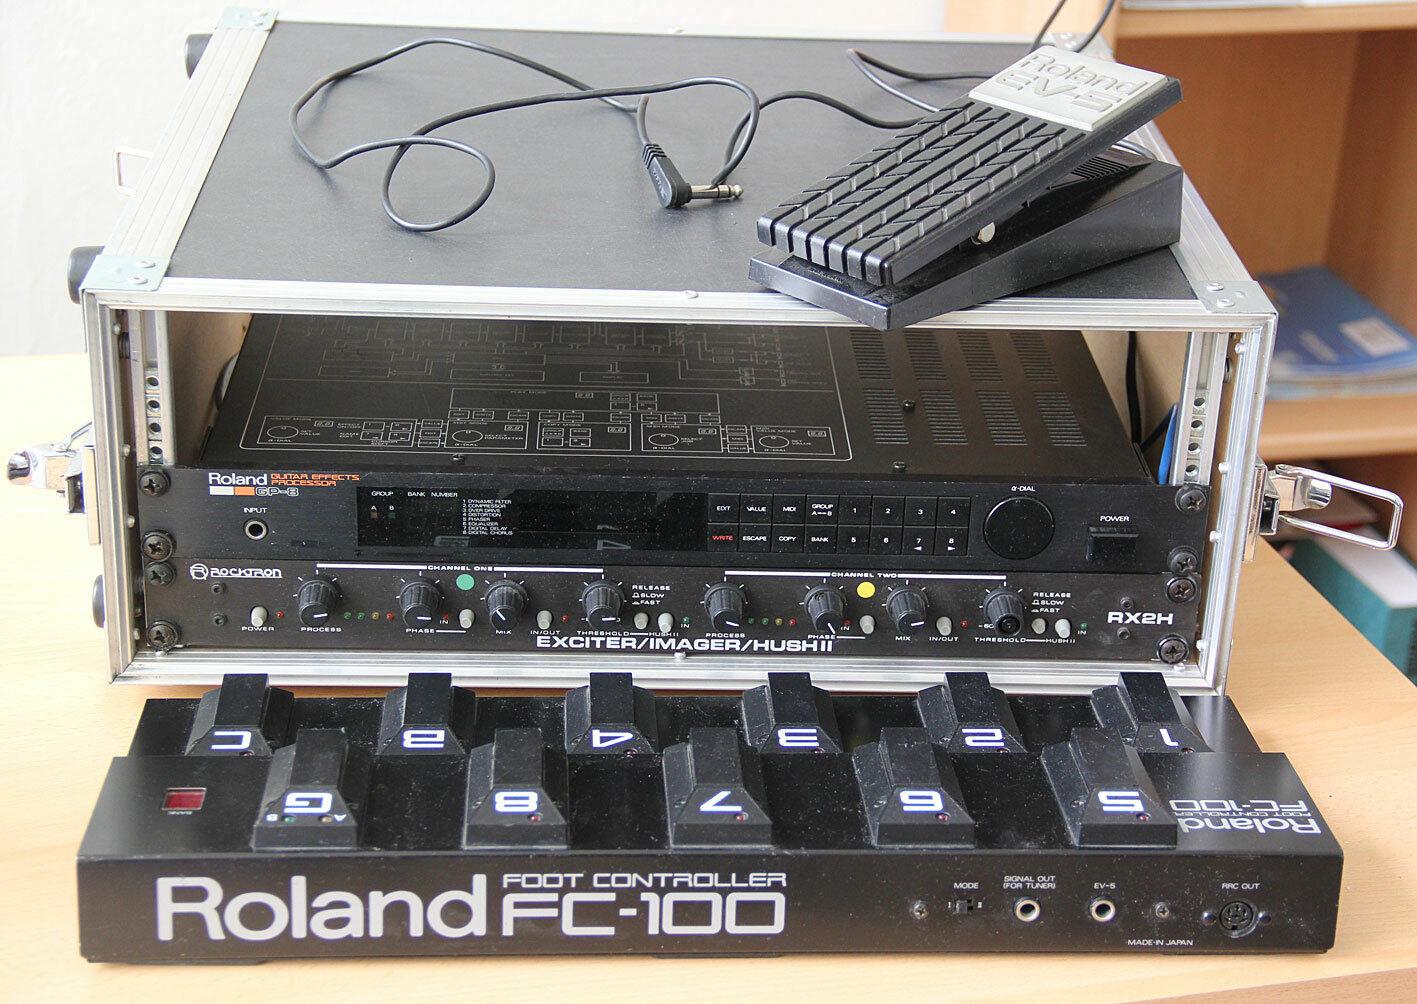 Effectsprocessor Roland GP-8 und Rocktron RX2H im Rack 19  Flightcase 4 HE